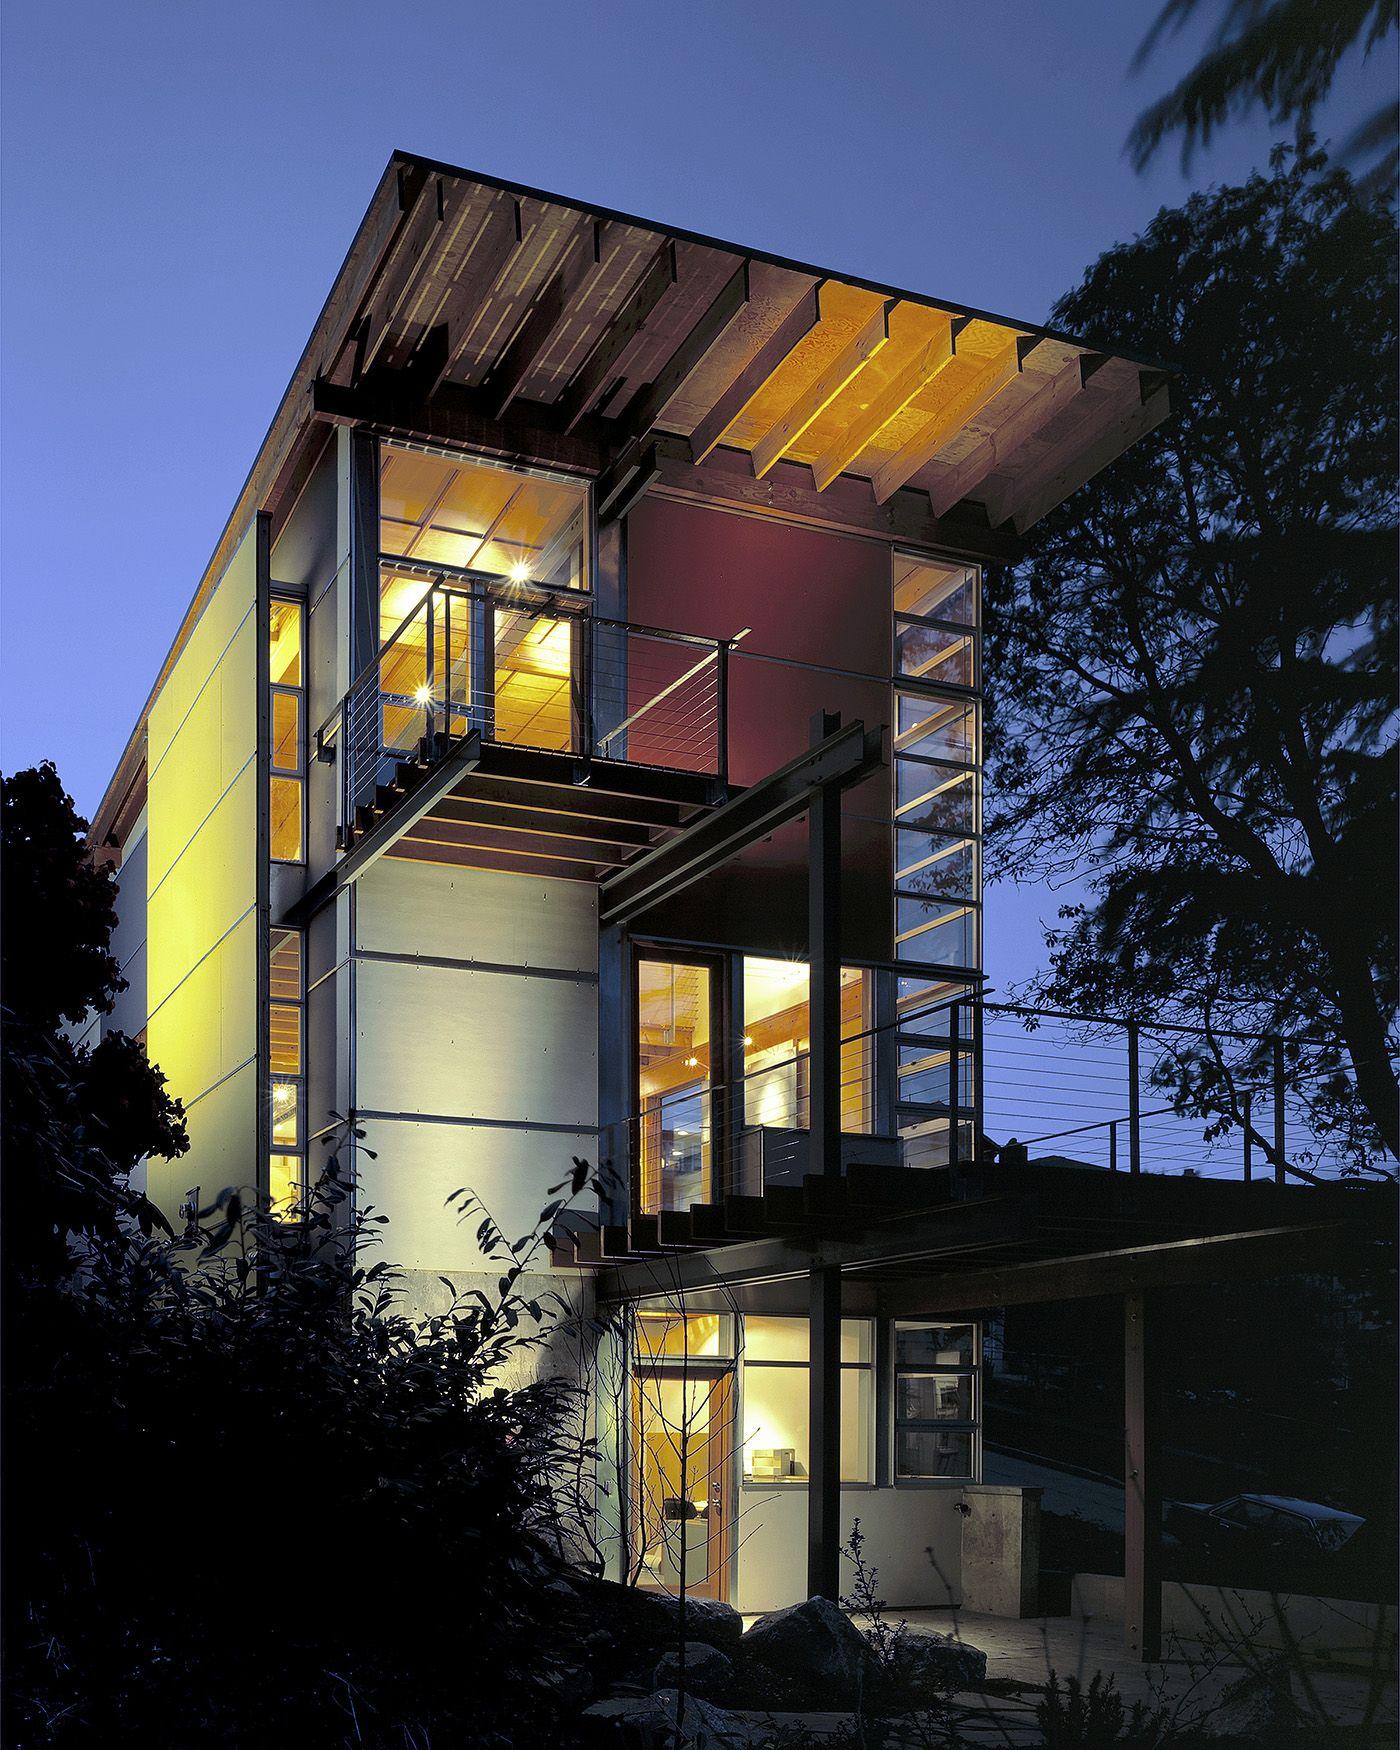 Gosline residence in seattle by bcj job ideas utopian for Modern house jobs